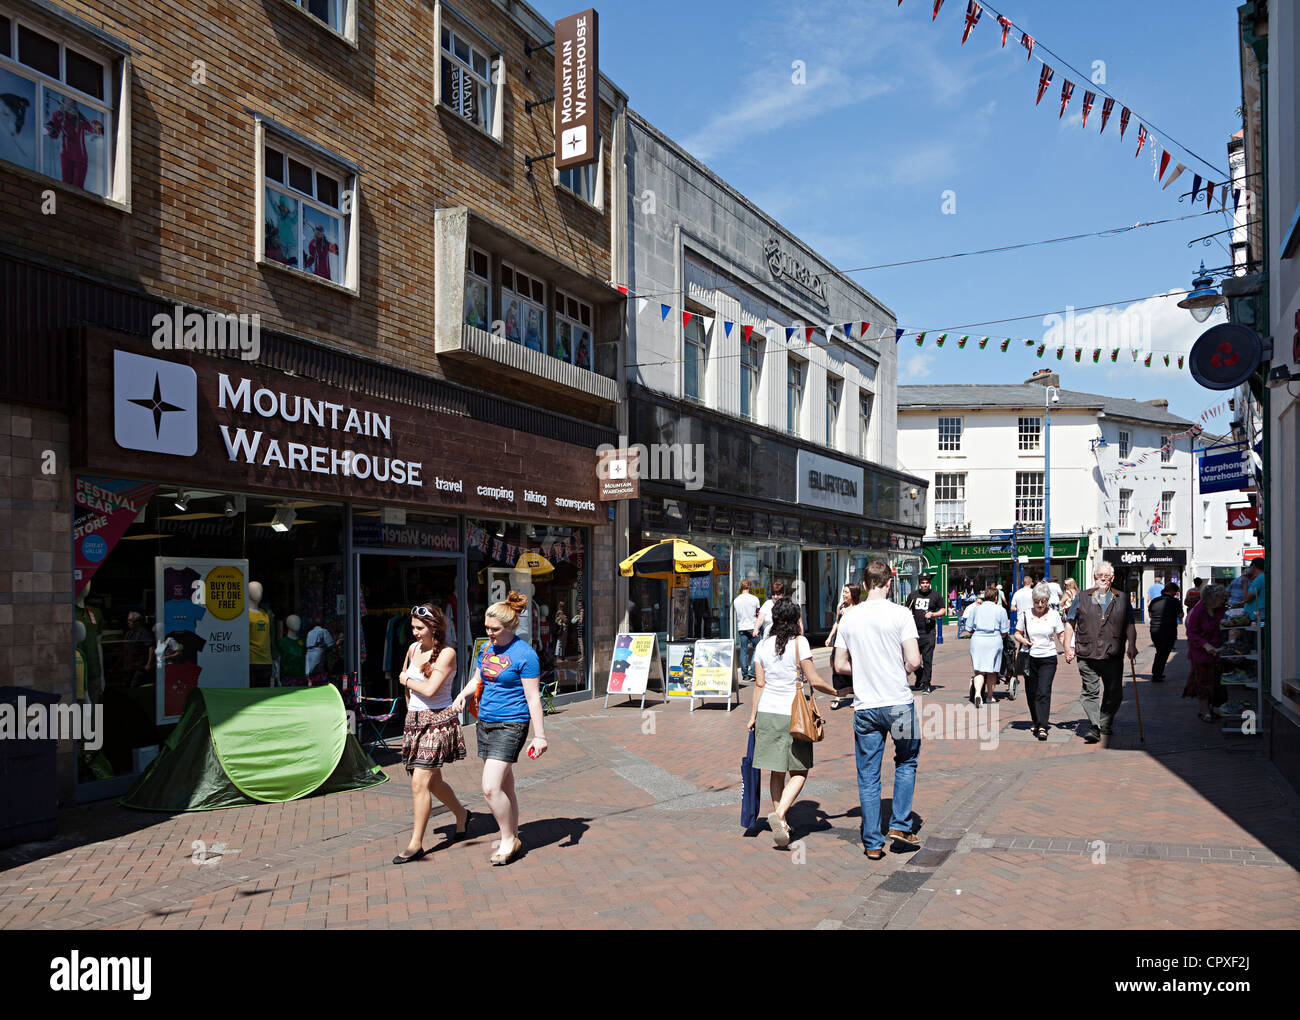 Menschen zu Fuß durch den verkehrsberuhigten Bereich der Haupteinkaufsstraße, Abergavenny, Wales, UK Stockbild